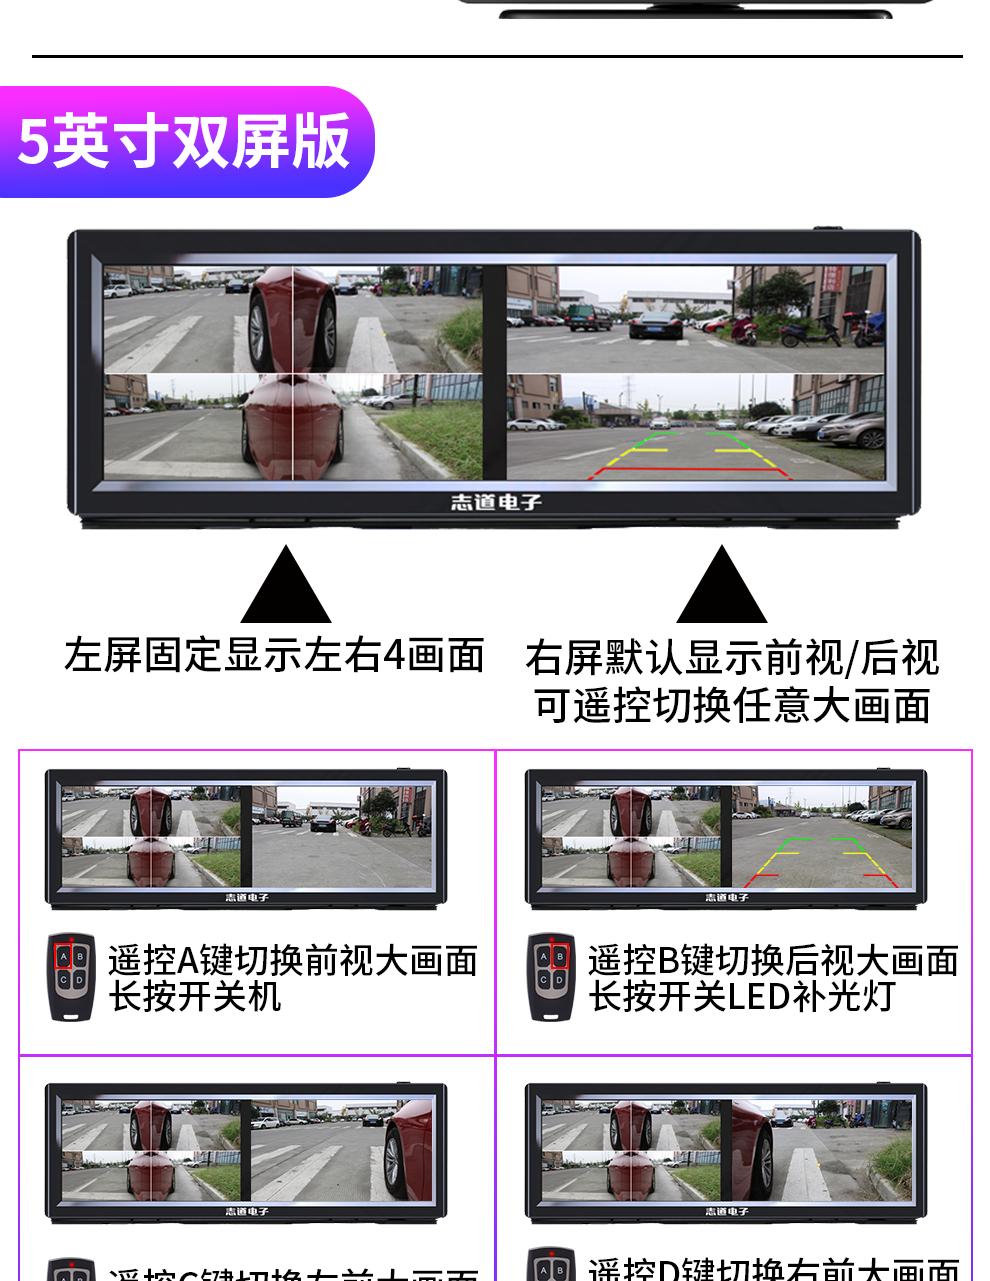 M7-新詳情頁_11